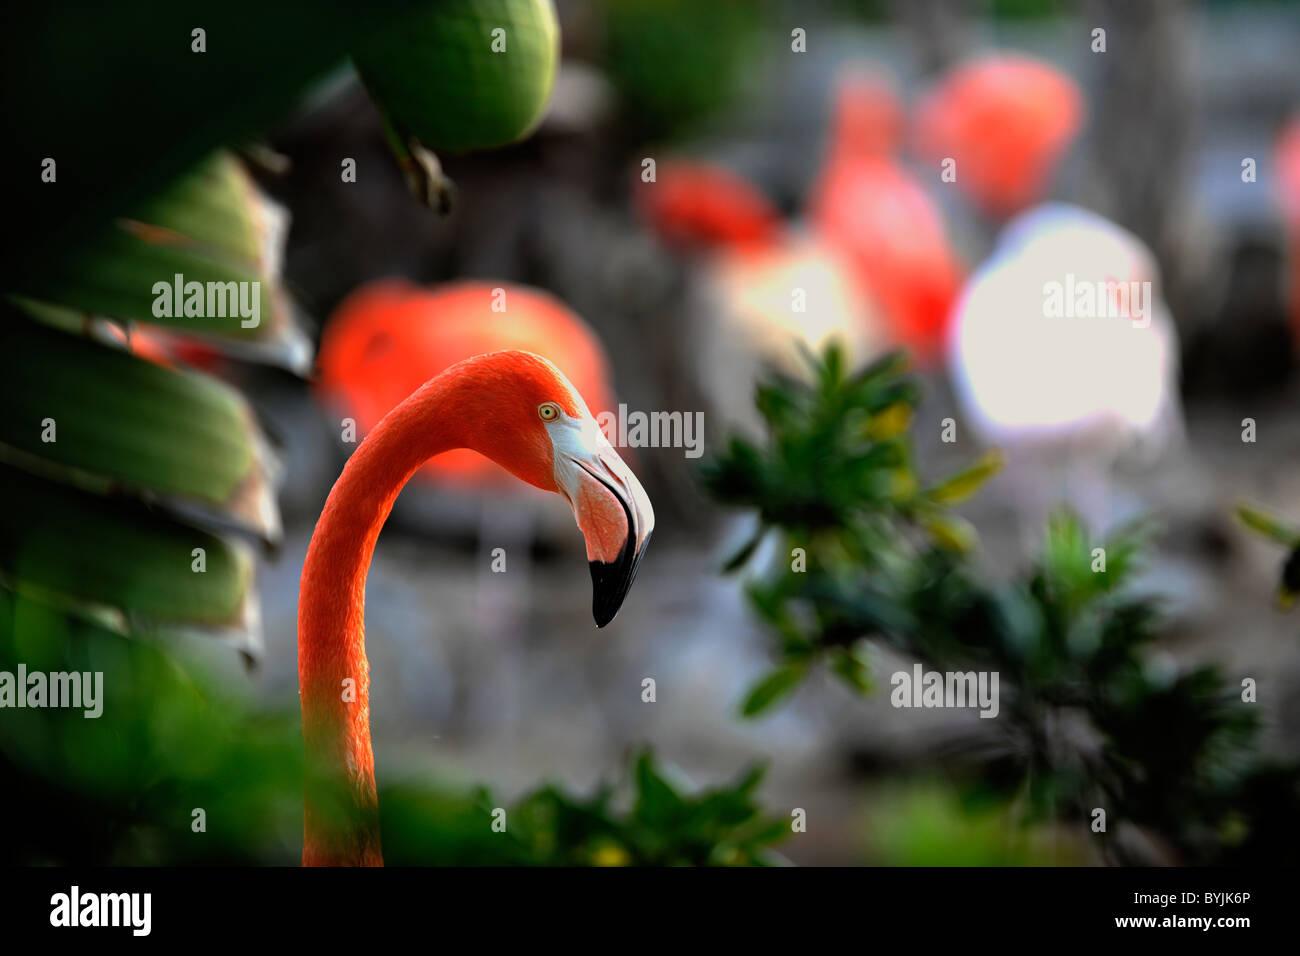 Phoenicopterus ruber. Retrato de un flamenco en una trama de hojas verdes. Foto de stock